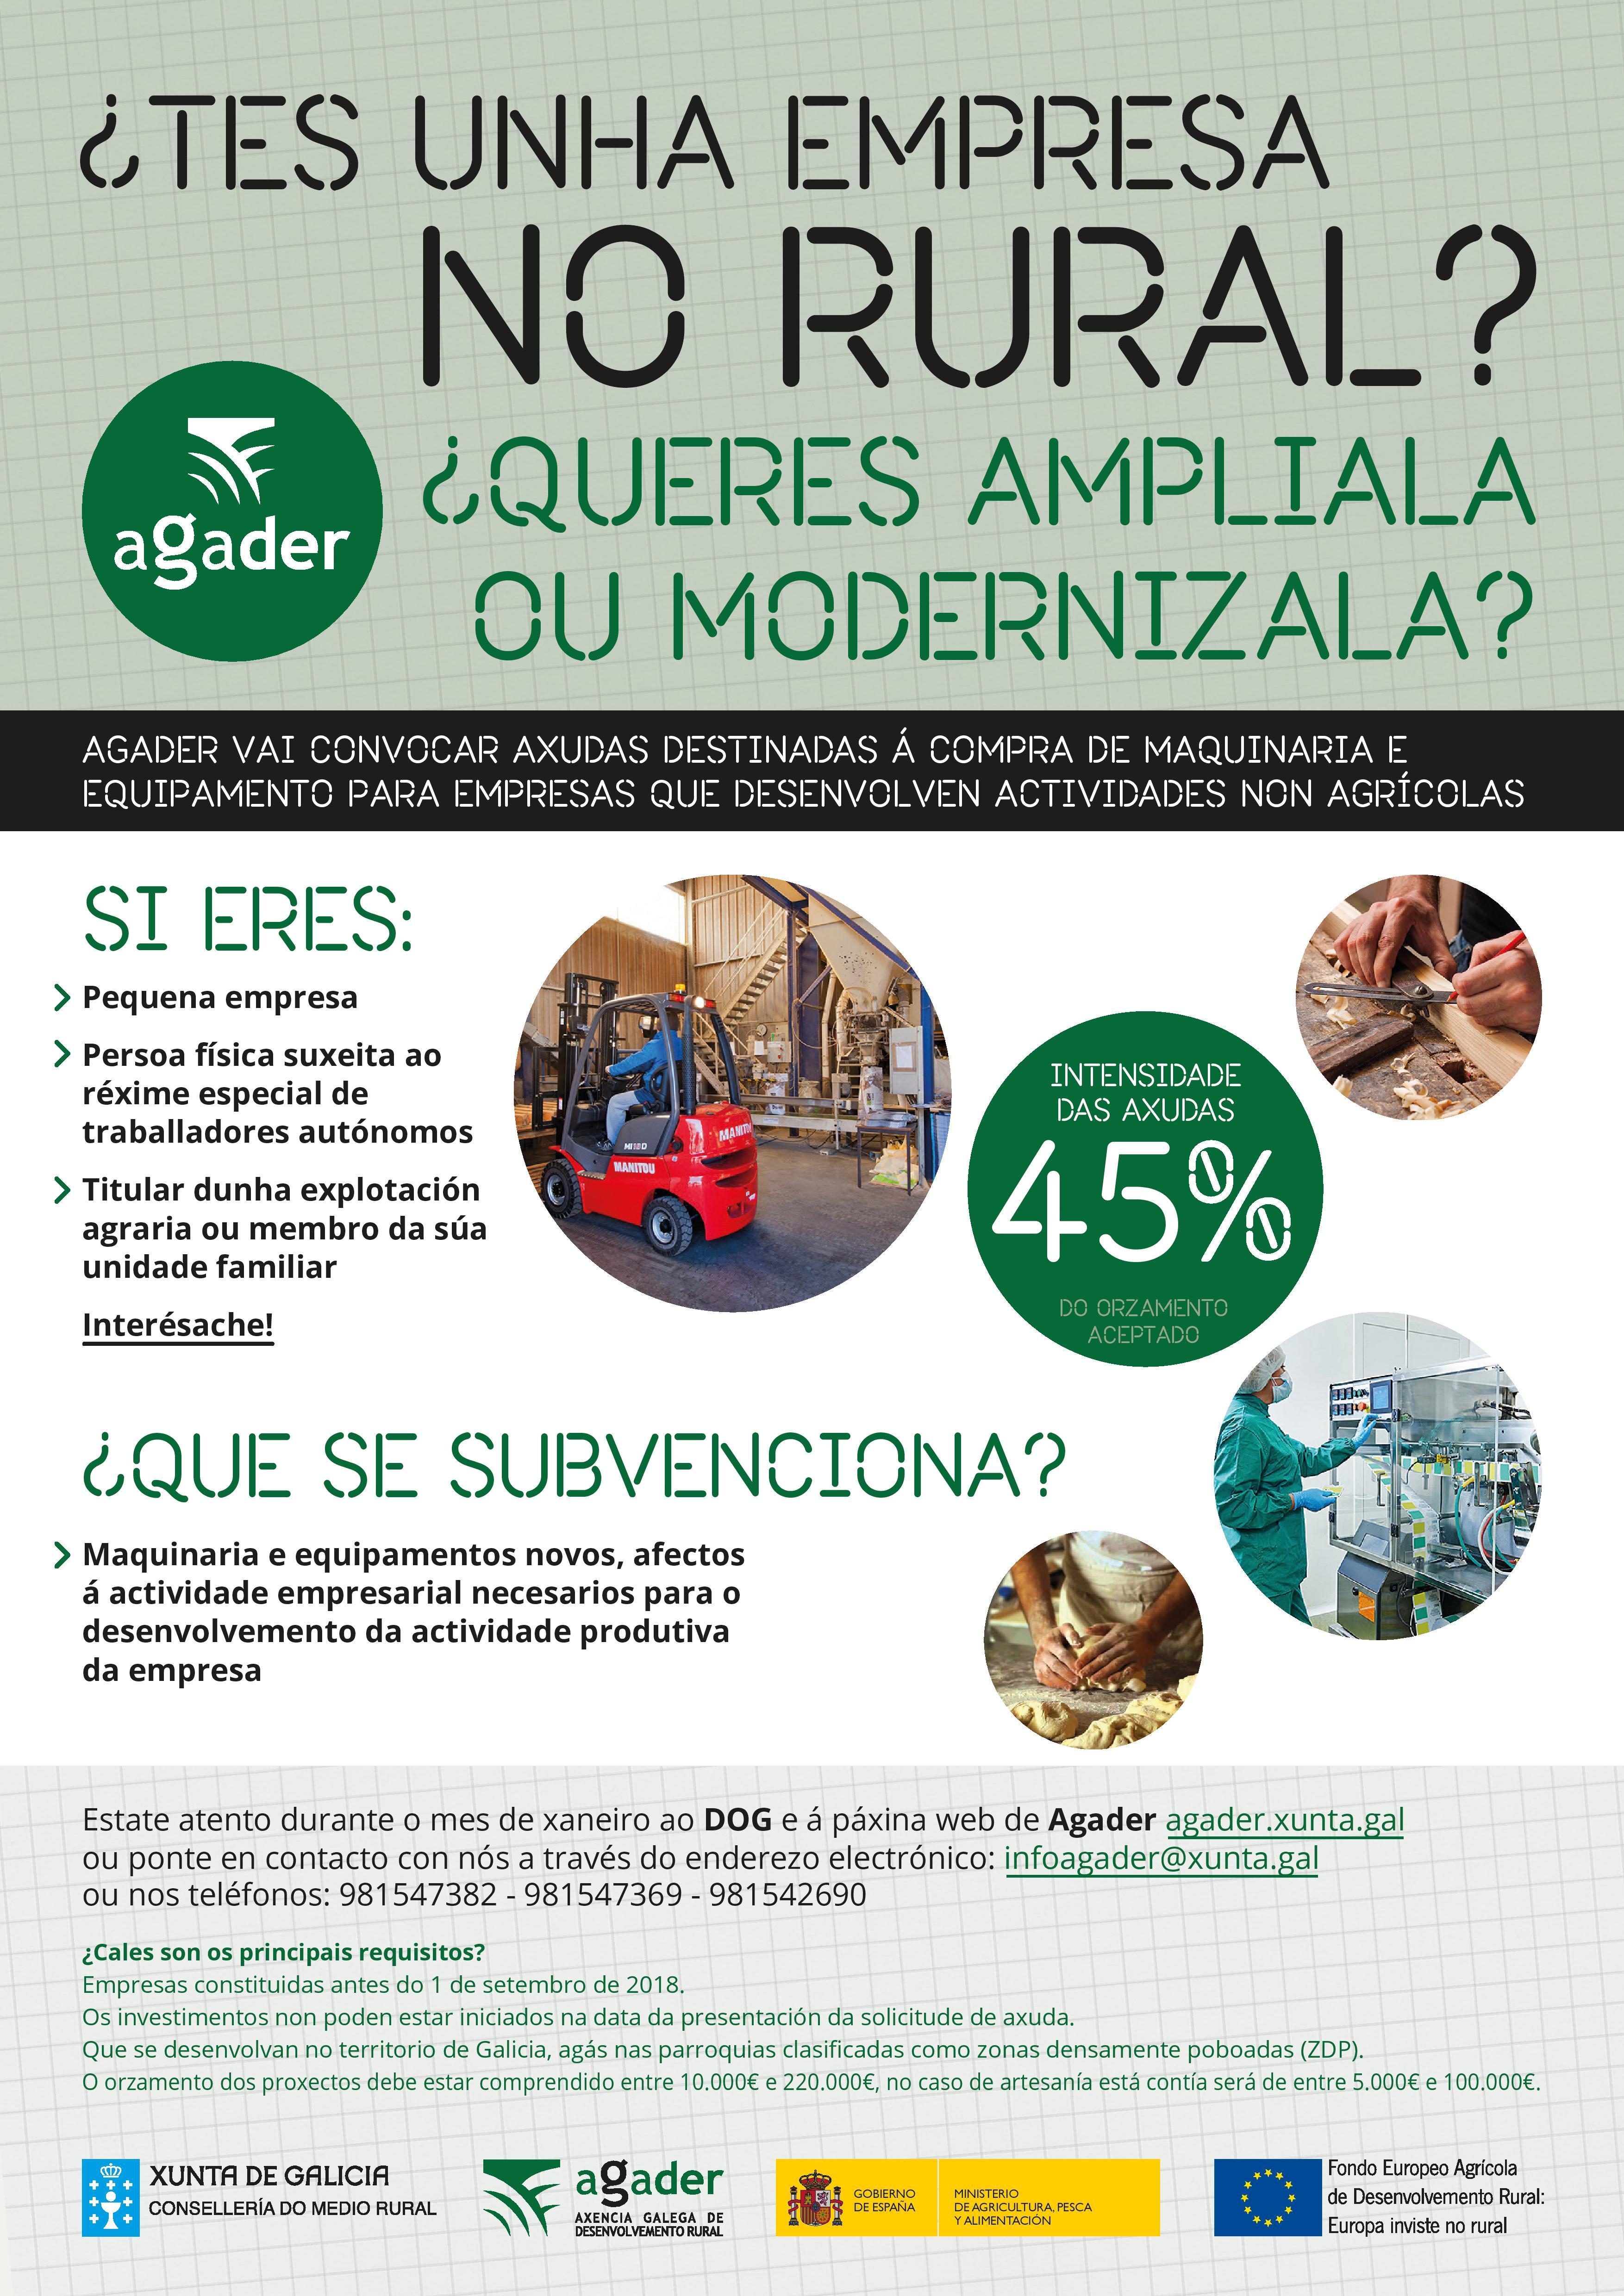 Axudas empresas non agrícolas